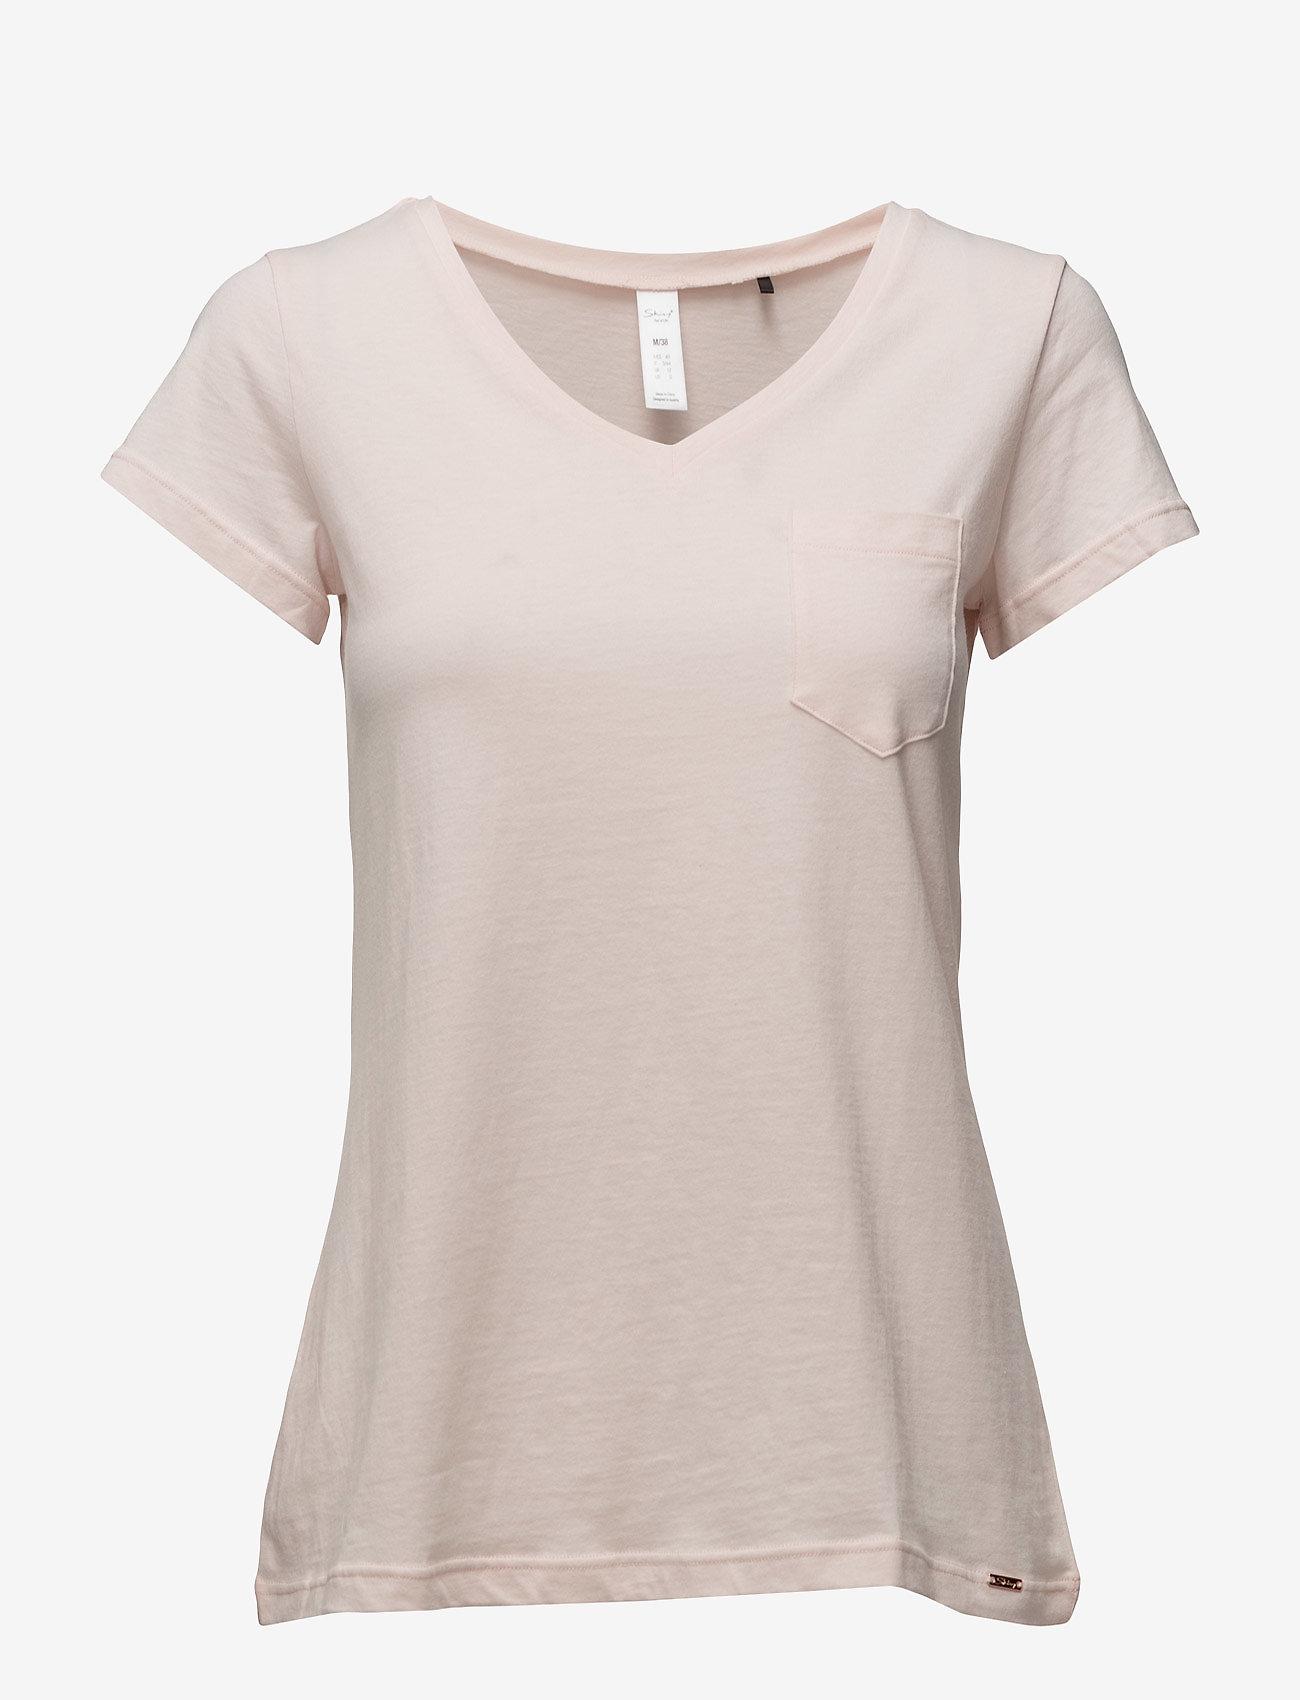 Skiny - L. shirt s/slv - overdeler - pearl blush - 0